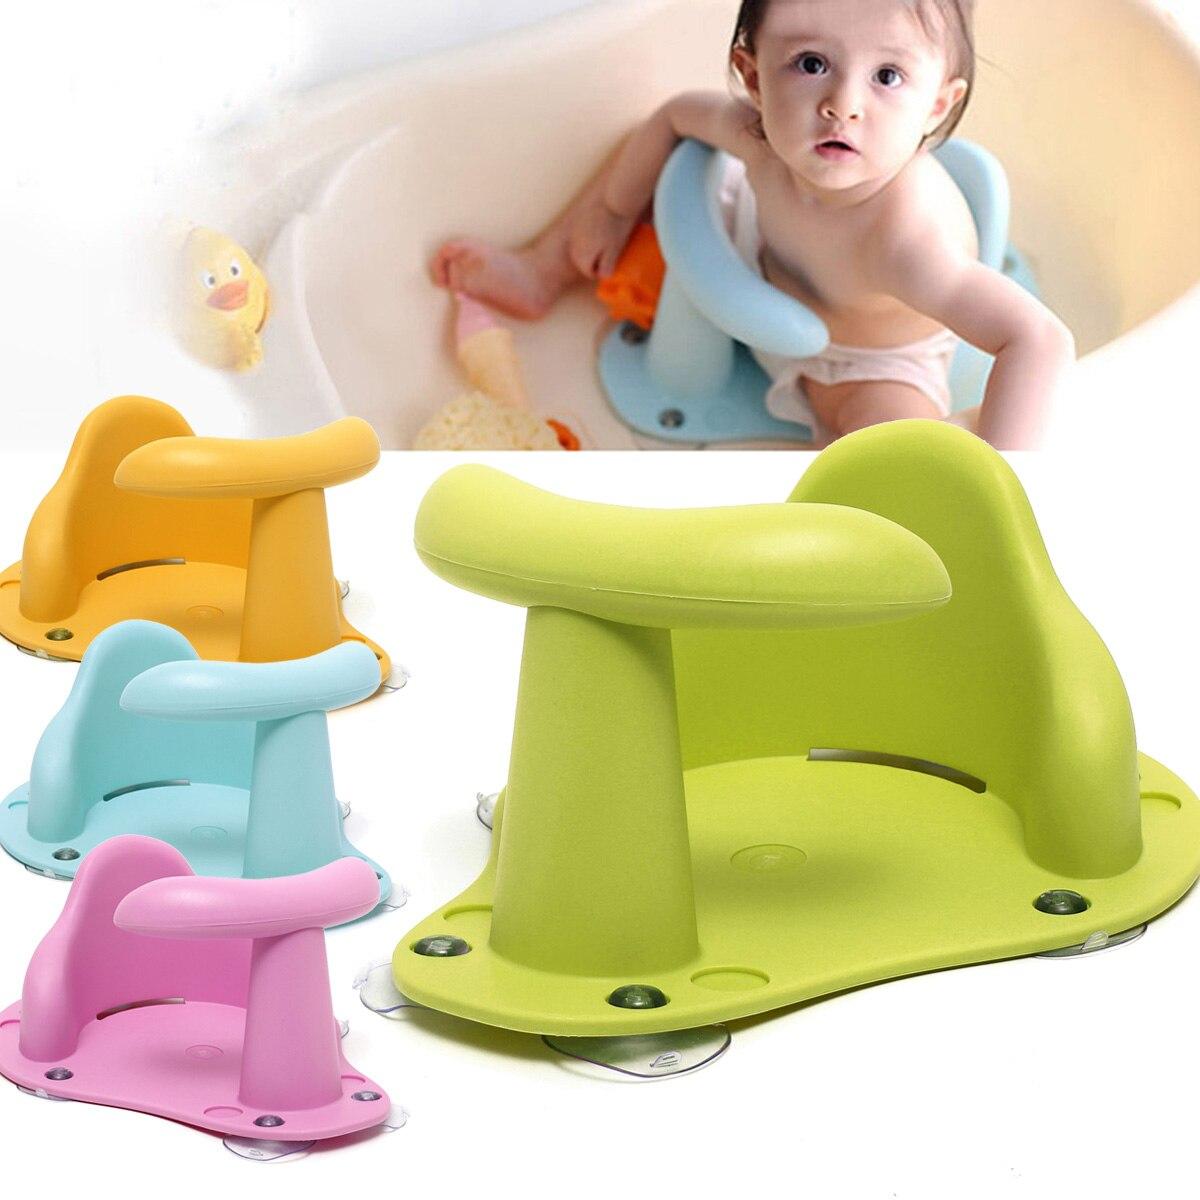 Assento da banheira do bebê almofada esteira cadeira segurança anti deslizamento cuidados com o bebê crianças banho assento de lavagem brinquedos 37.5x 30.5x 15cm